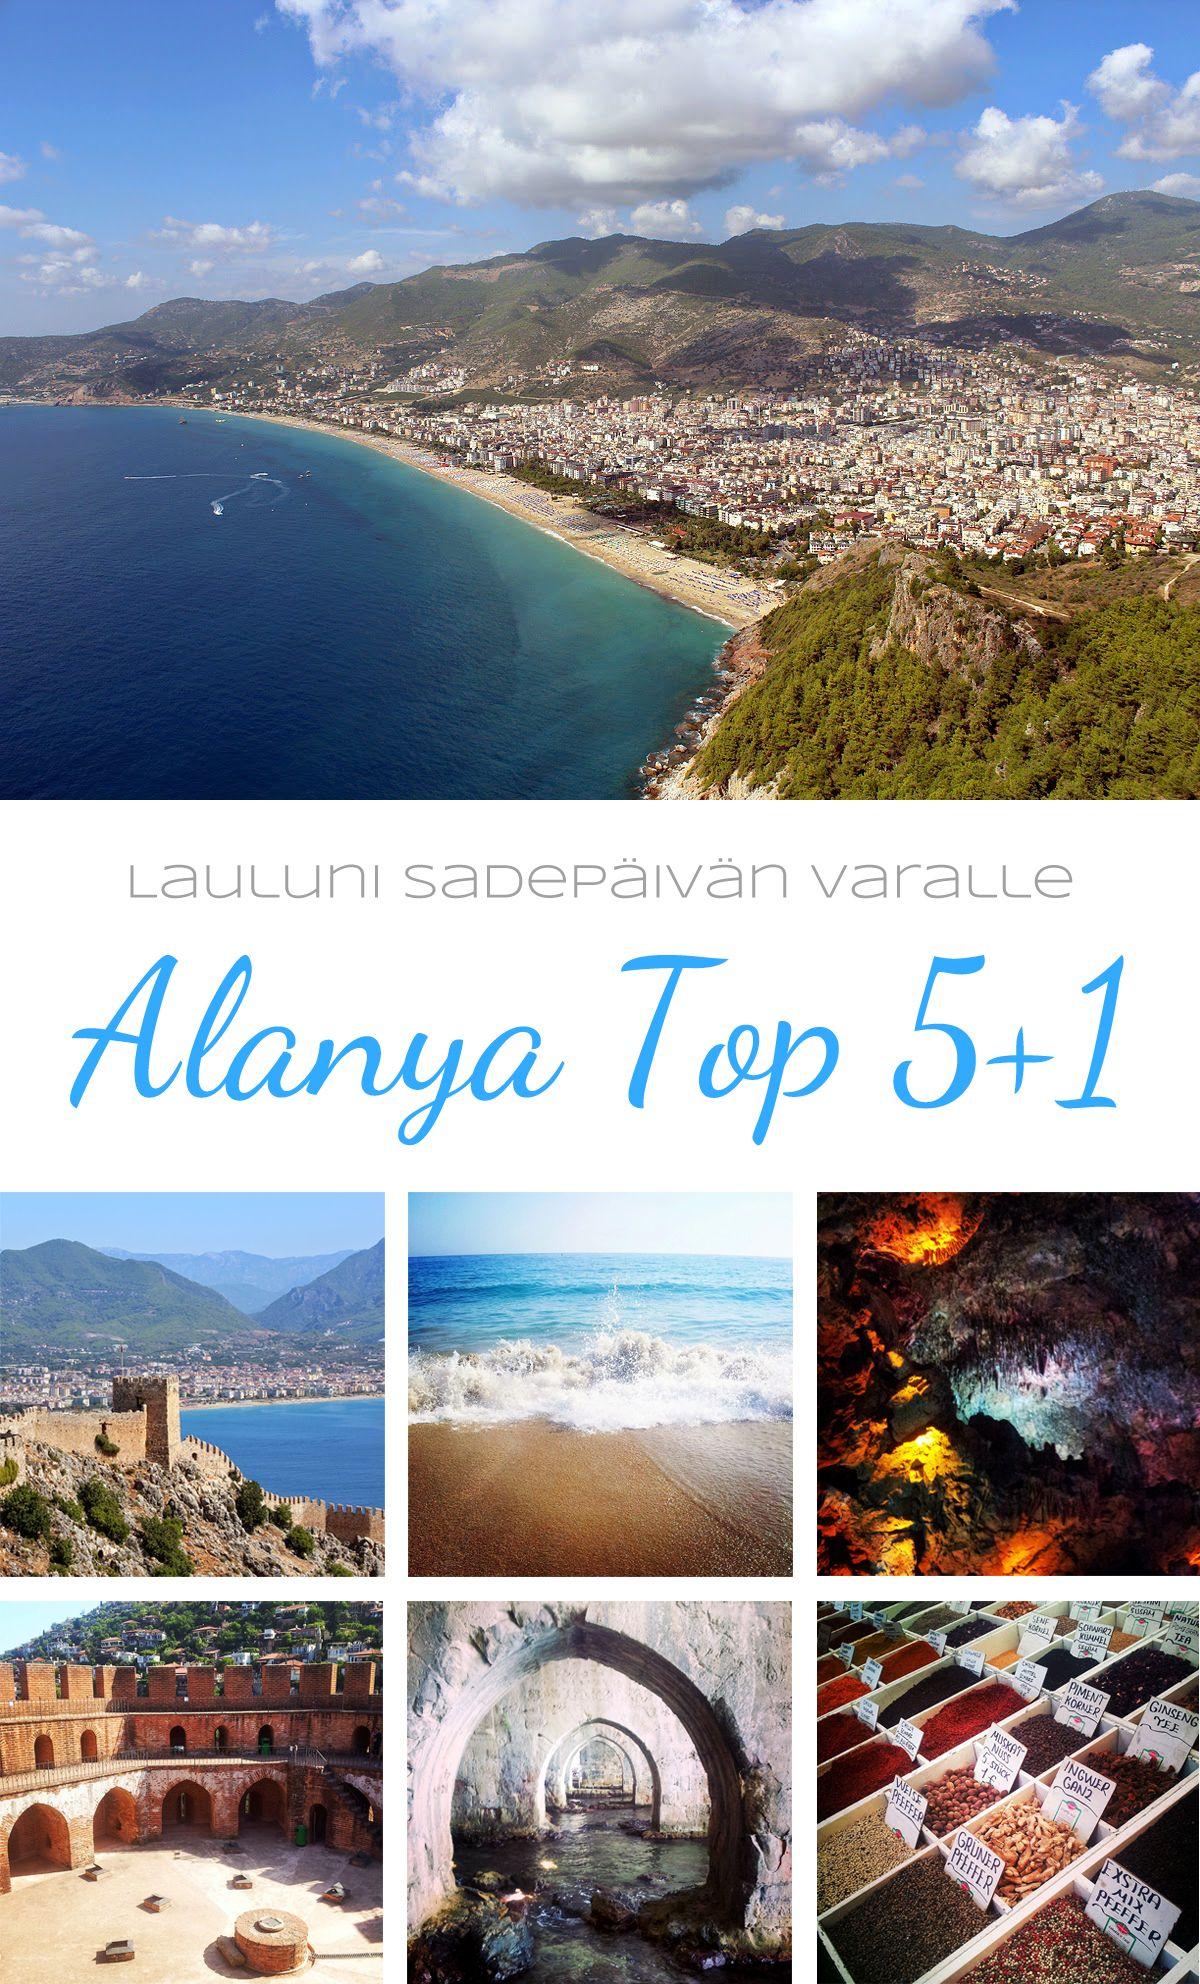 lauluni sadepäivän varalle:  Alanya Top 5+1 #alanya #nähtävyydet #attractions #turkki #turkey #travel